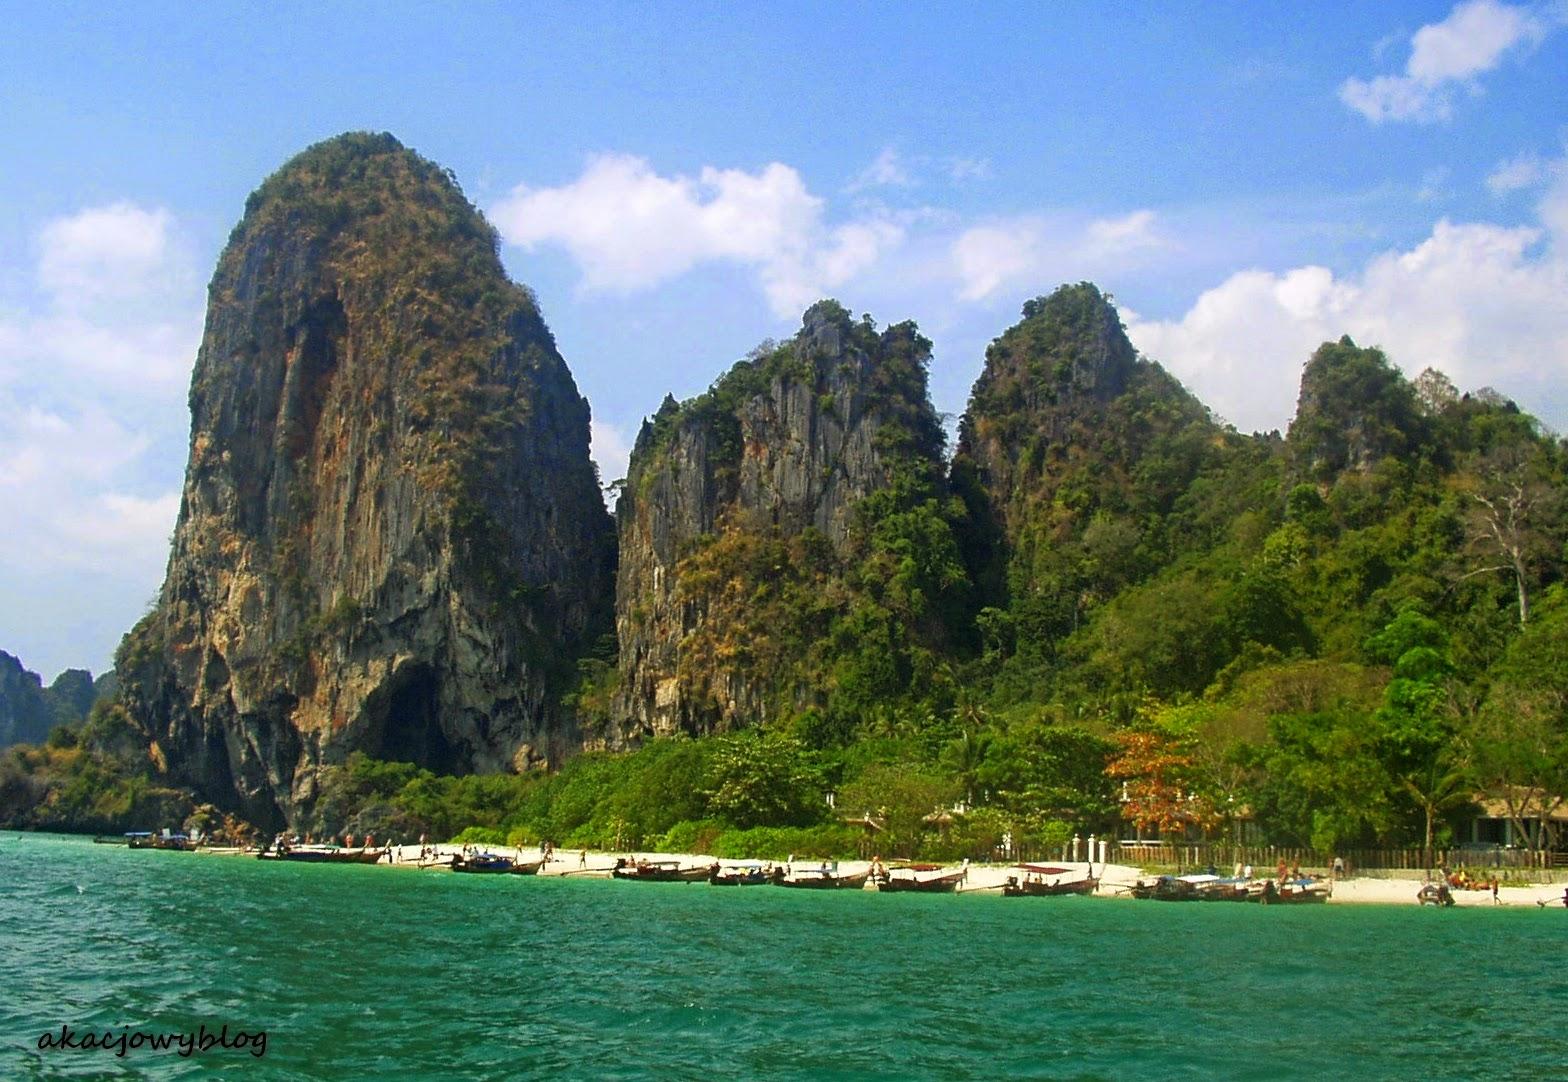 Tajlandia - południowe krajobrazy Wybrzeża Andamańskiego.